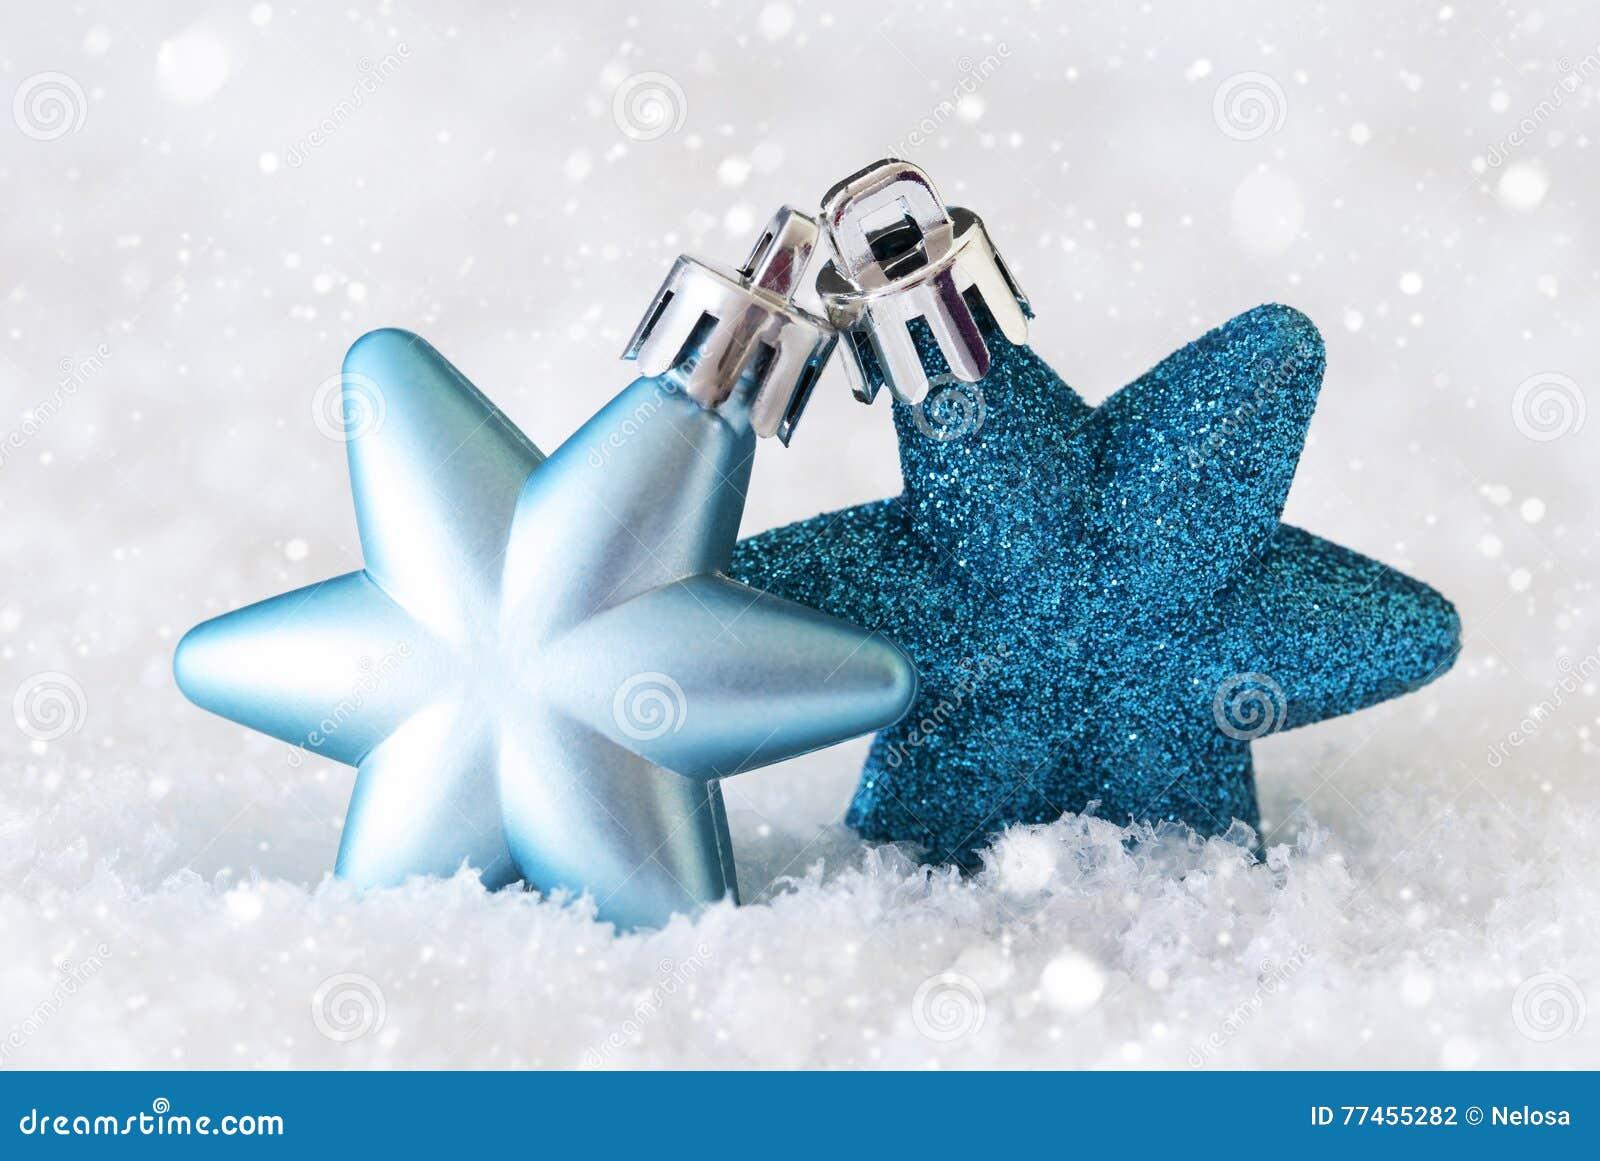 Christbaumkugeln Sterne.Dunkle Und Hellblaue Sterne Christbaumkugeln Schnee